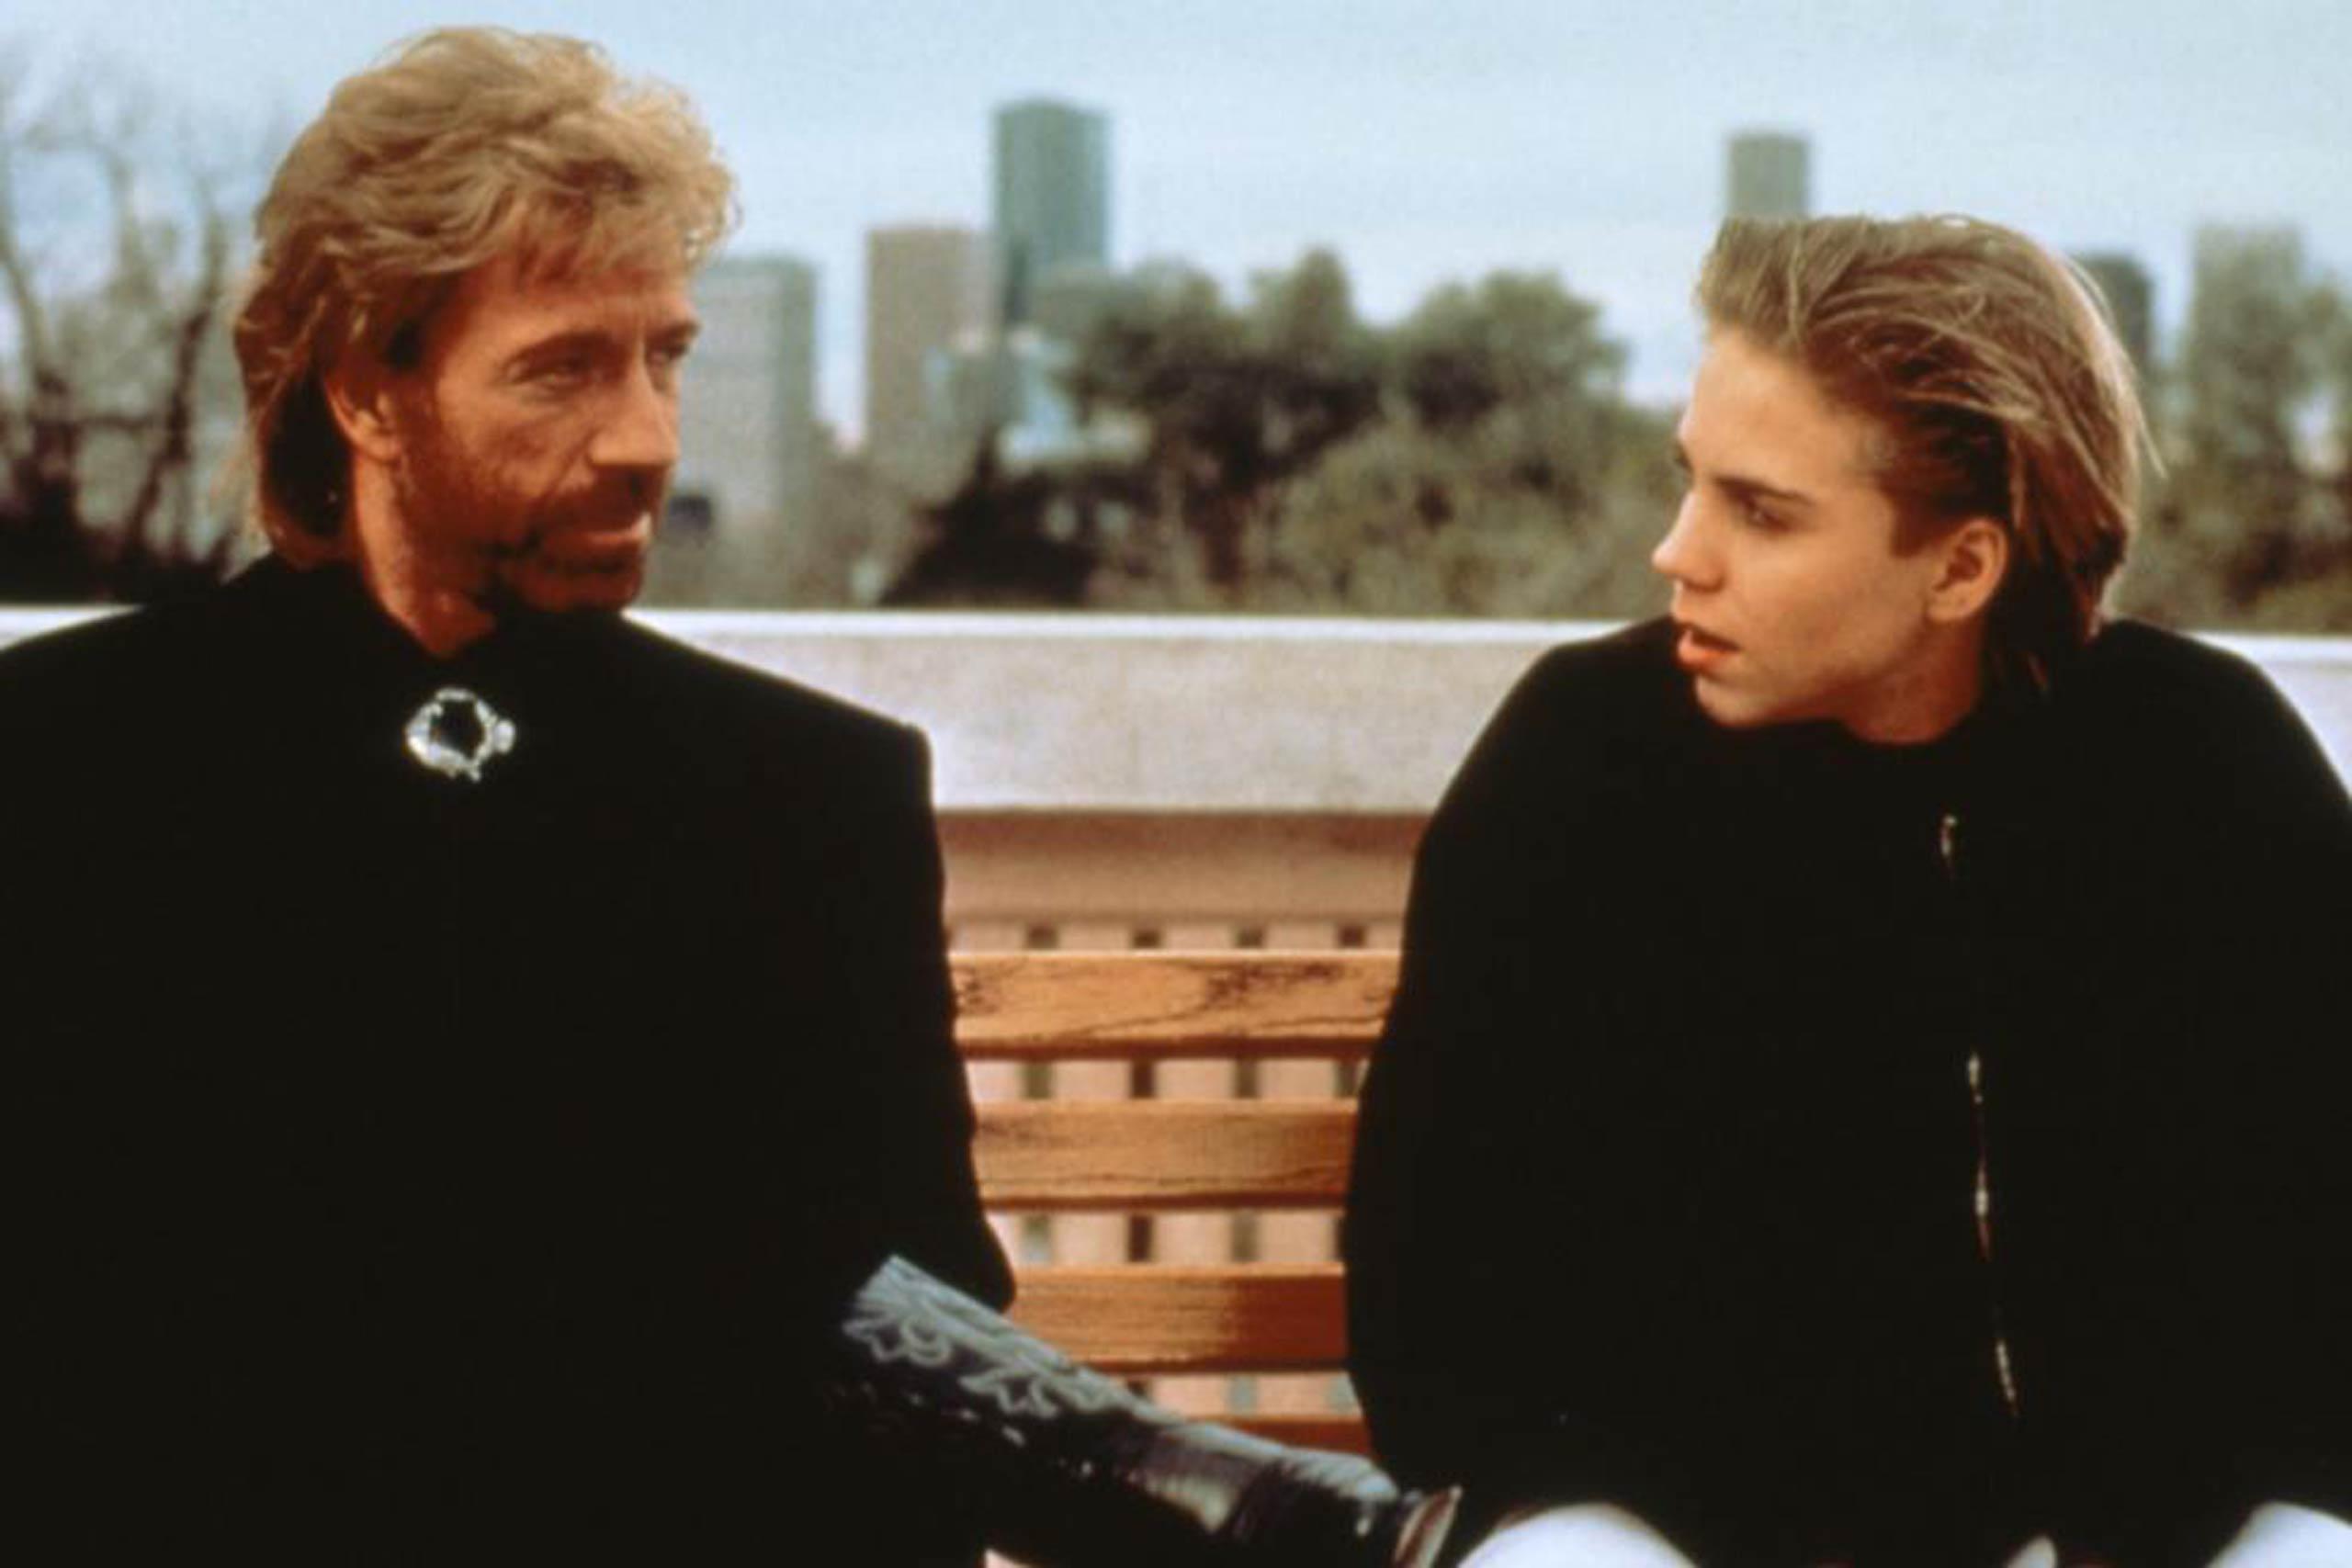 Chuck Norris as himself in Sidekicks, 1992.